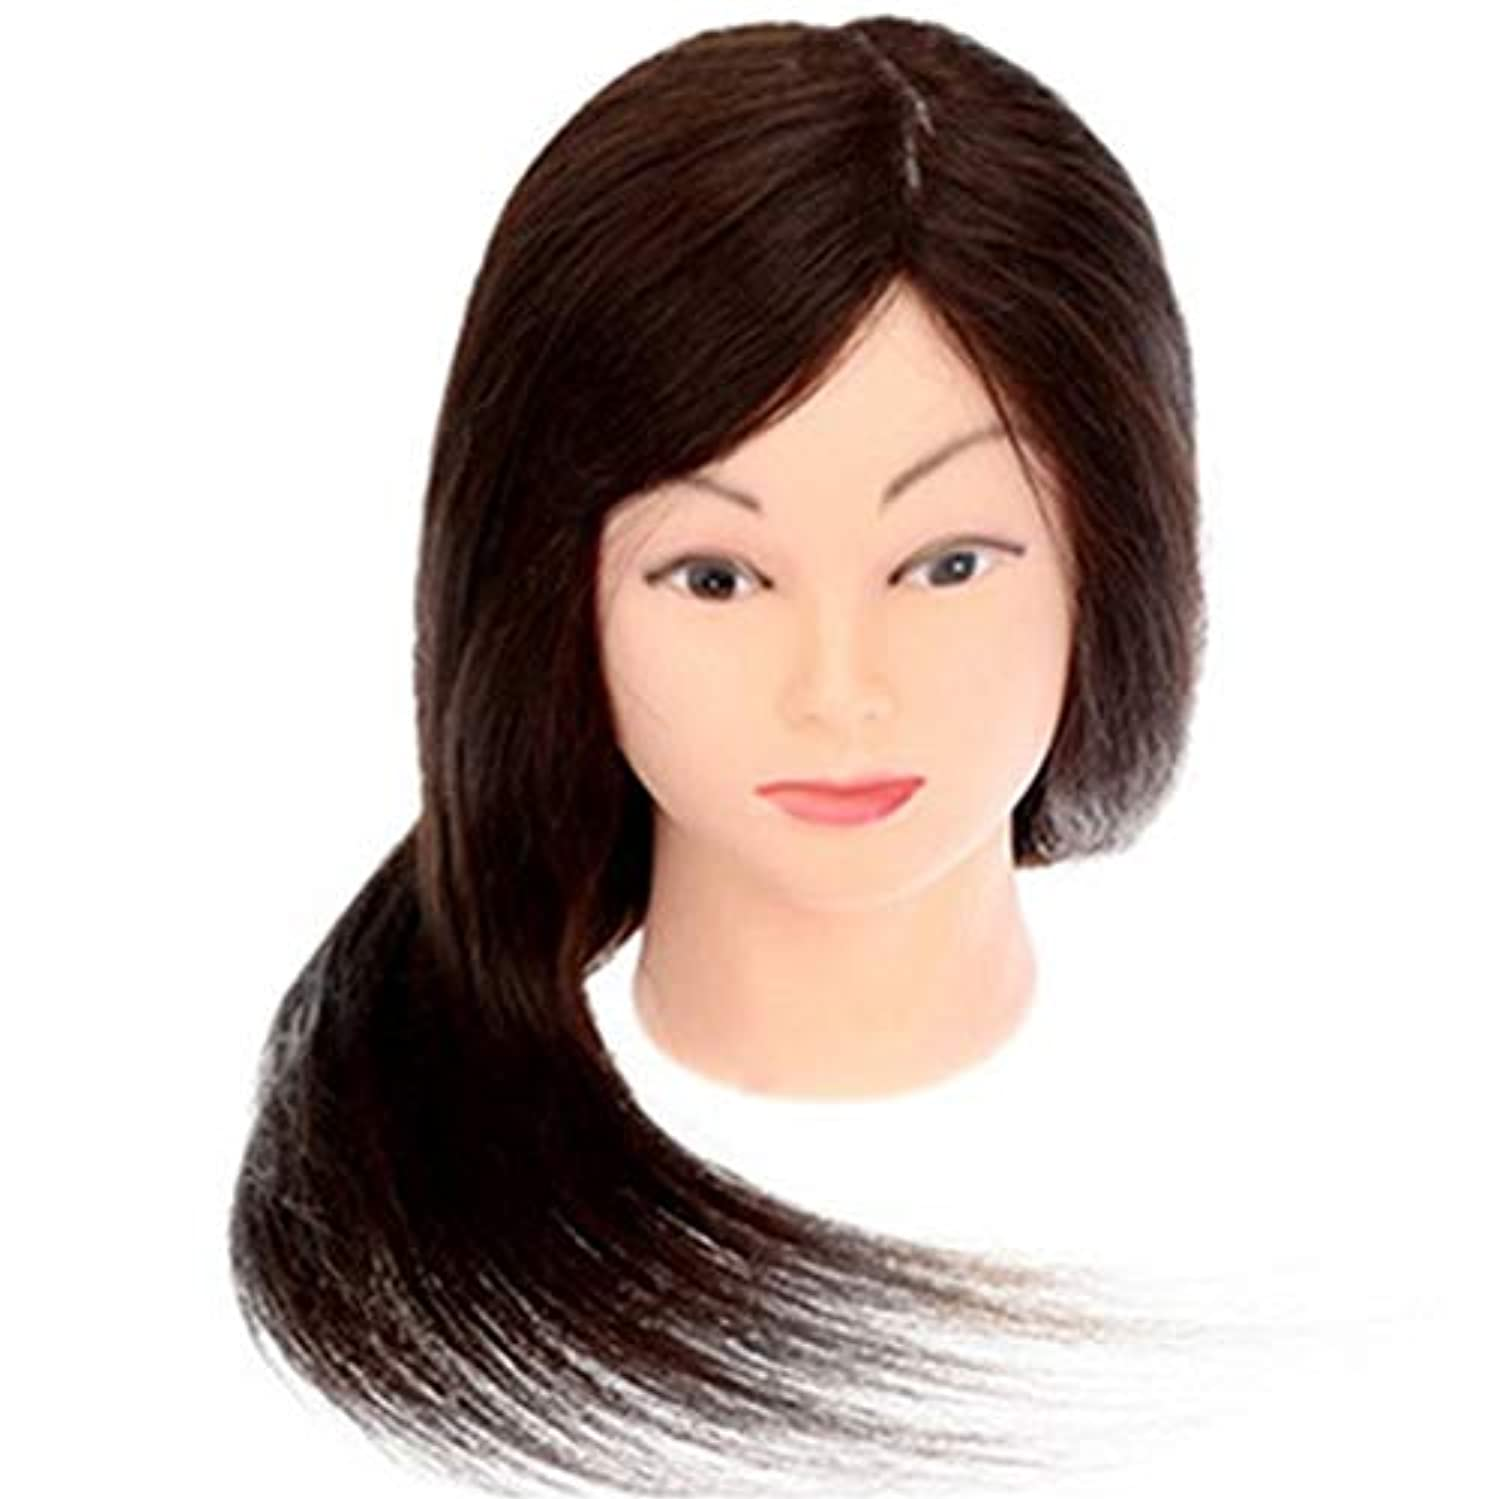 使用法ジョージハンブリー買い物に行くメイクアップエクササイズディスク髪編組ヘッド金型デュアルユースダミーヘッドモデルヘッド美容ヘアカットティーチングヘッドかつら